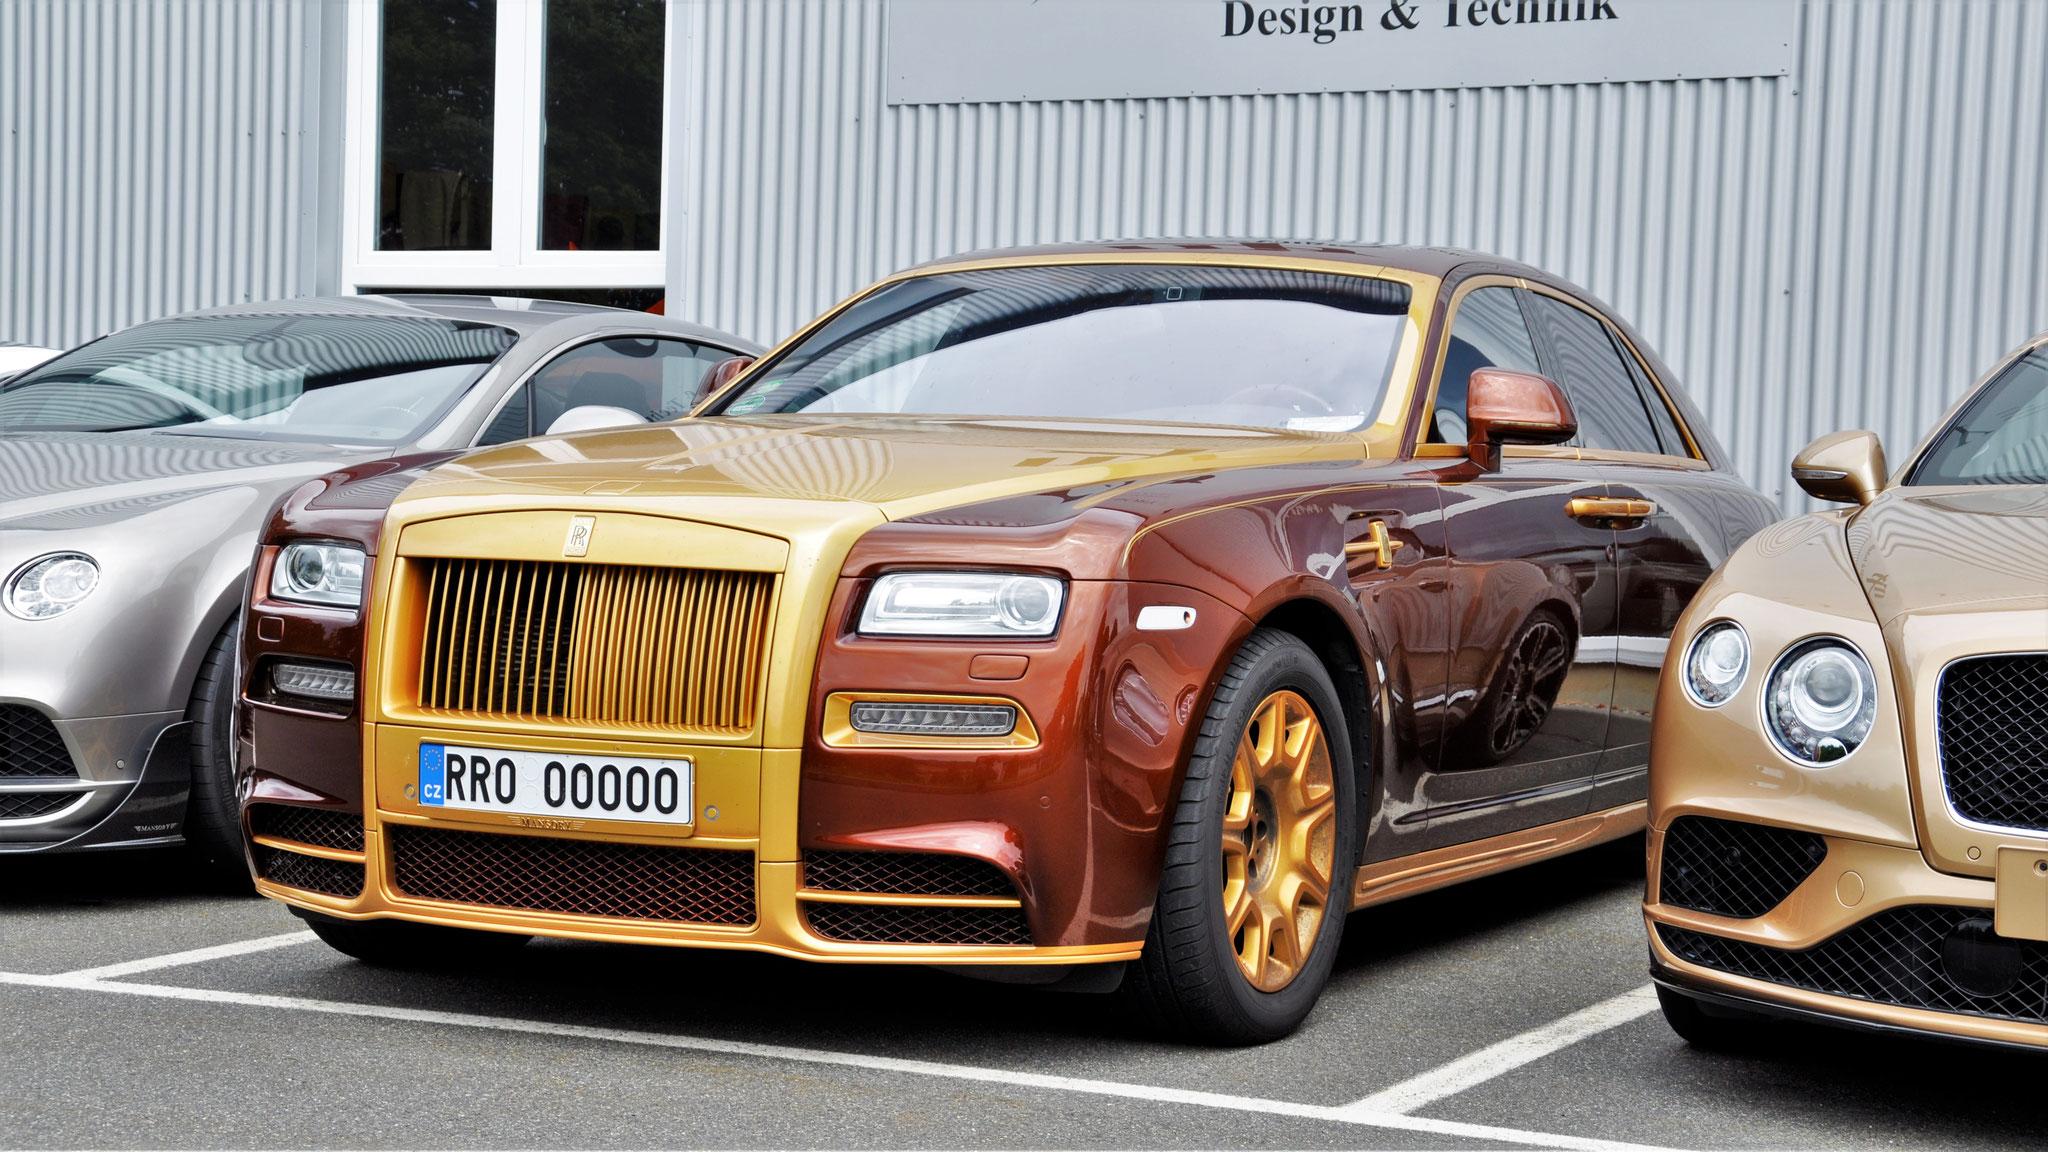 Rolls Royce Ghost - RRO-00000 (CZ)